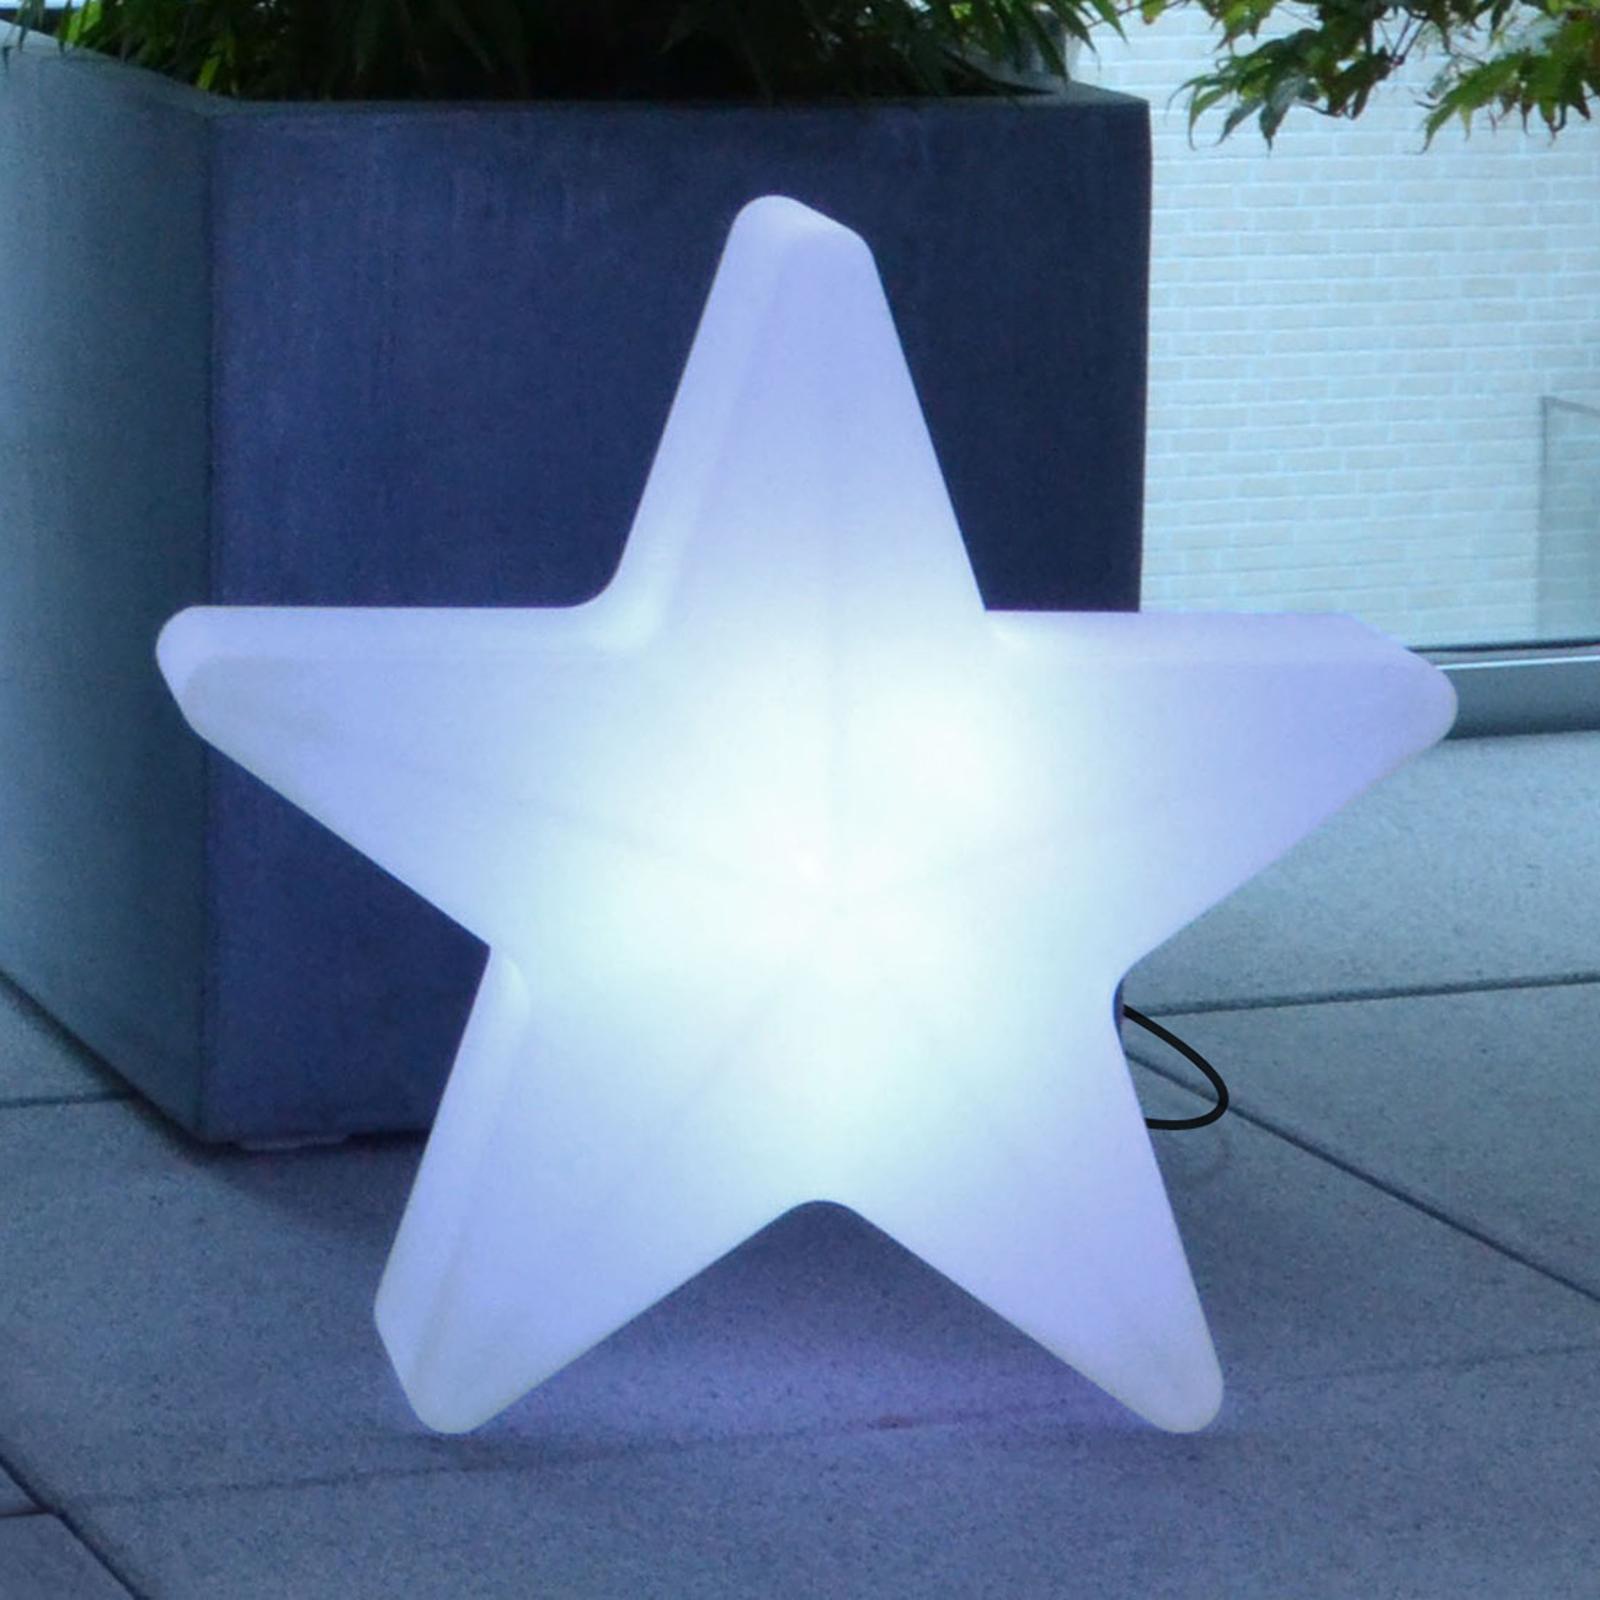 Gwiazda dekoracyjna LED Gwiazda, kabel, 40x40cm